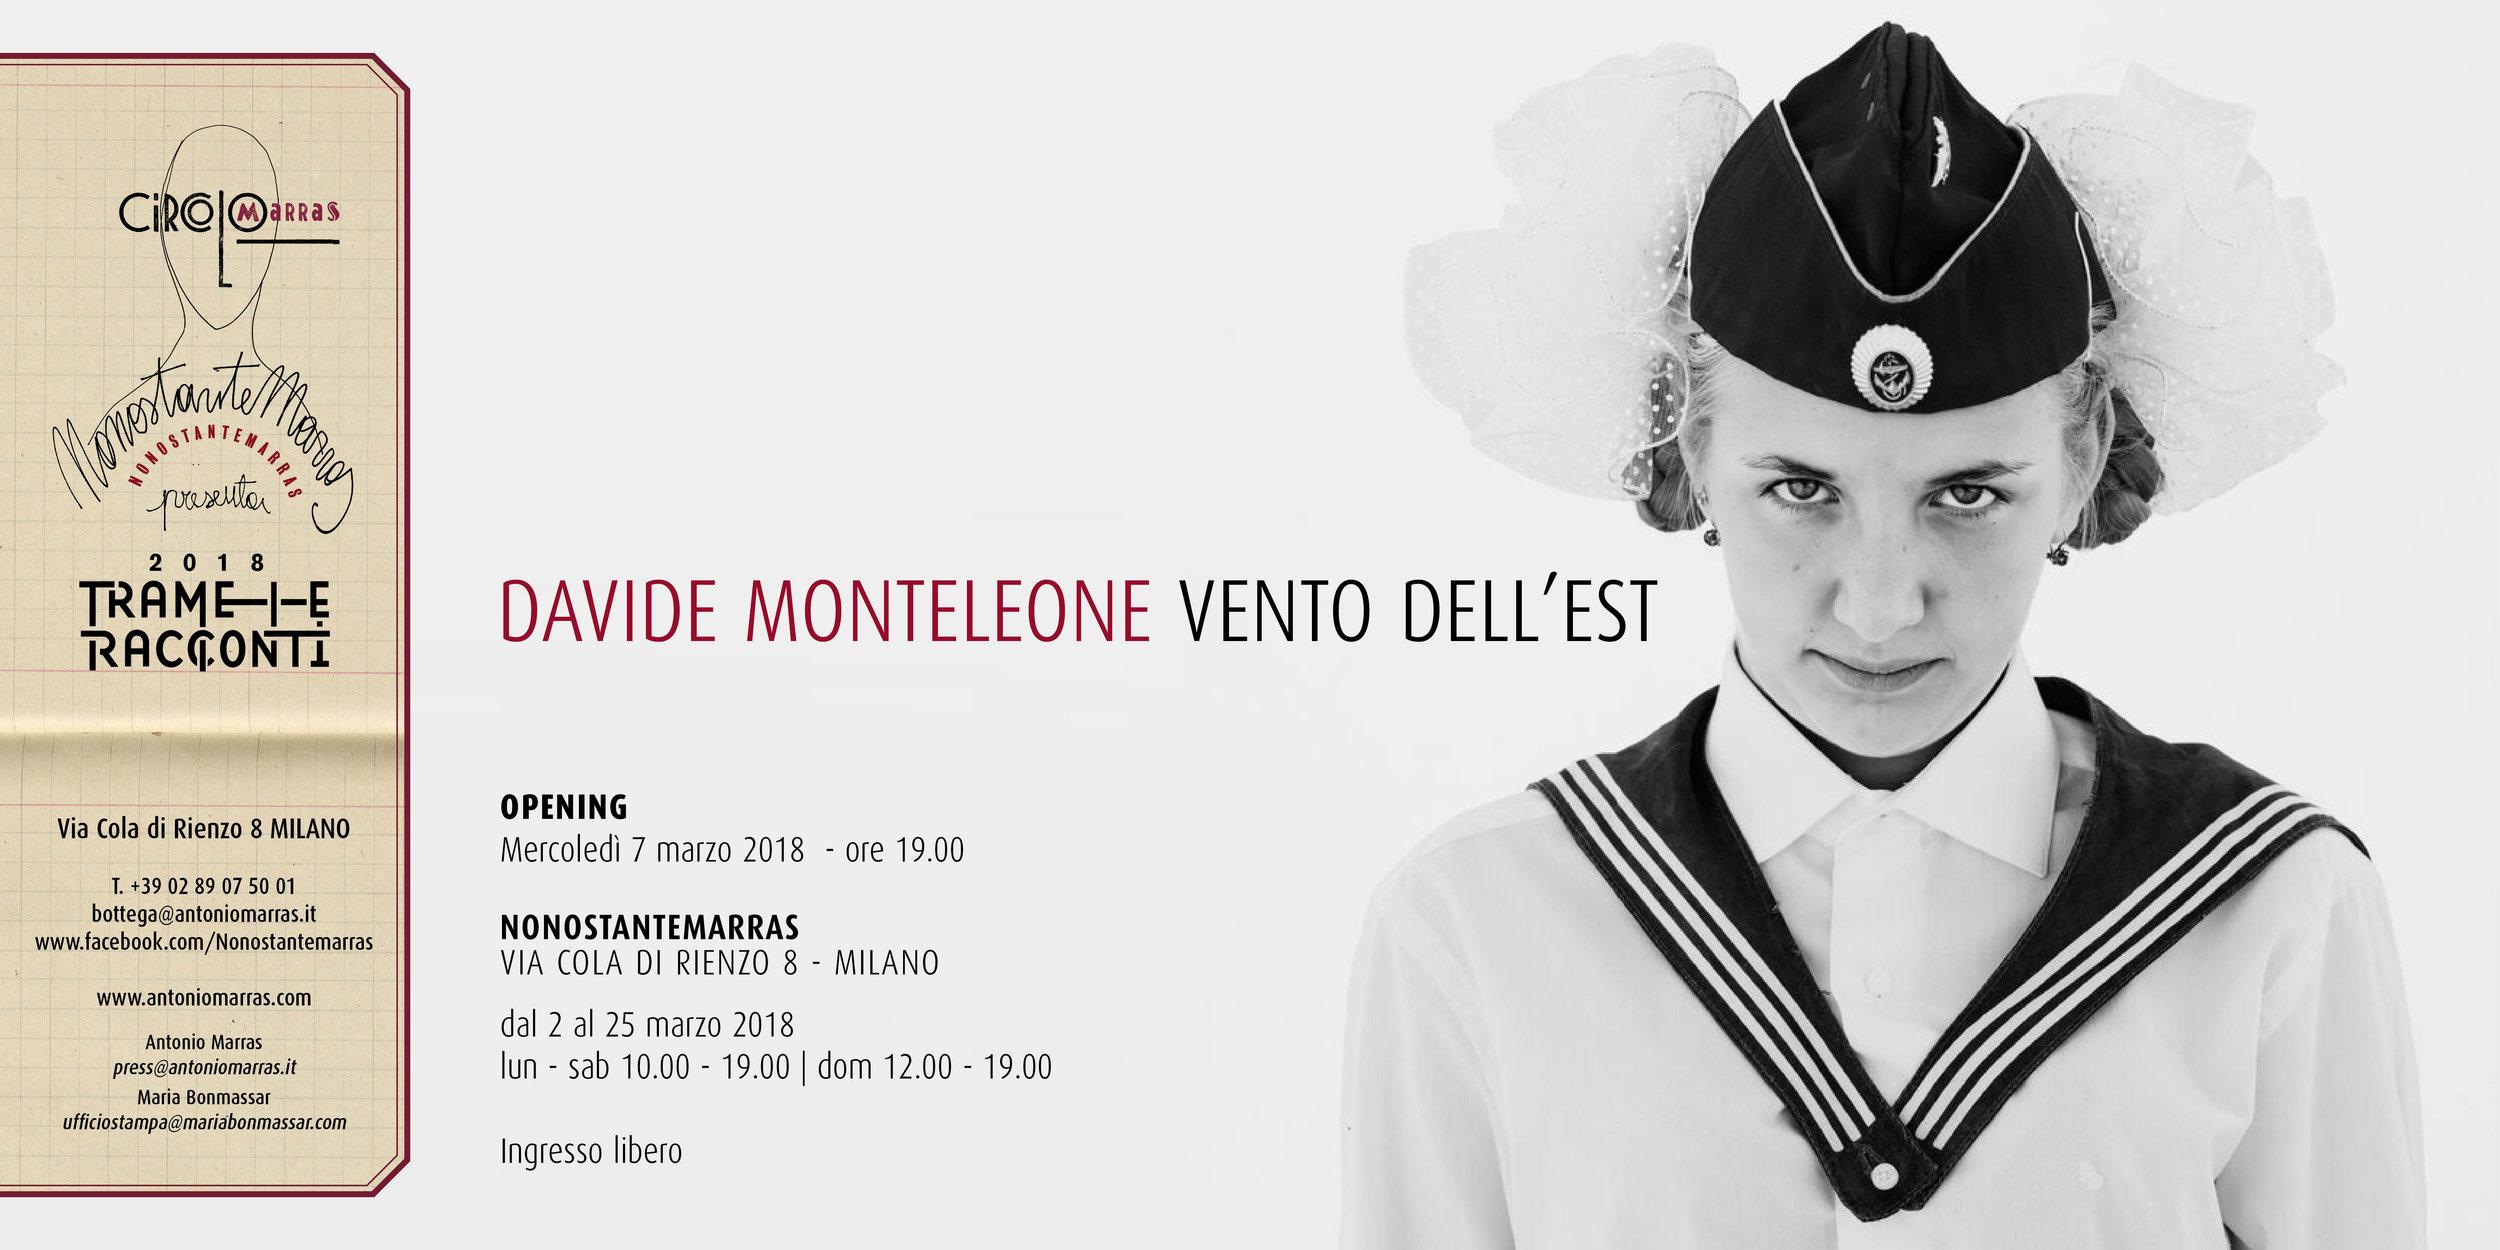 Invito Davide Monteleone.jpg